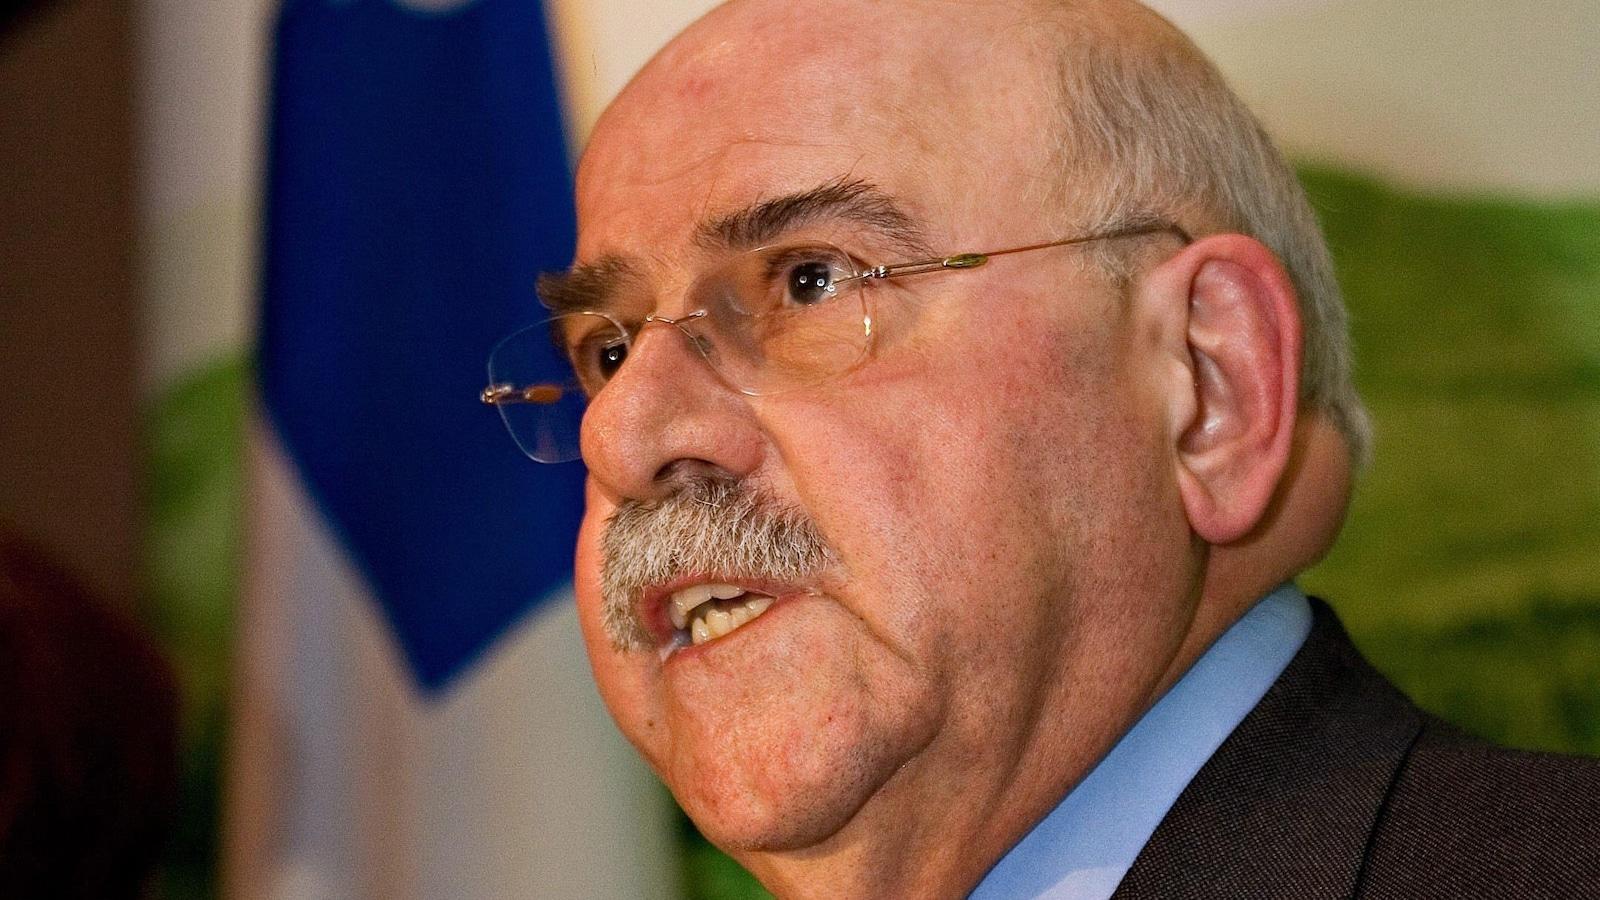 Un homme moustachu qui porte des lunettes s'exprime lors d'une conférence de presse.